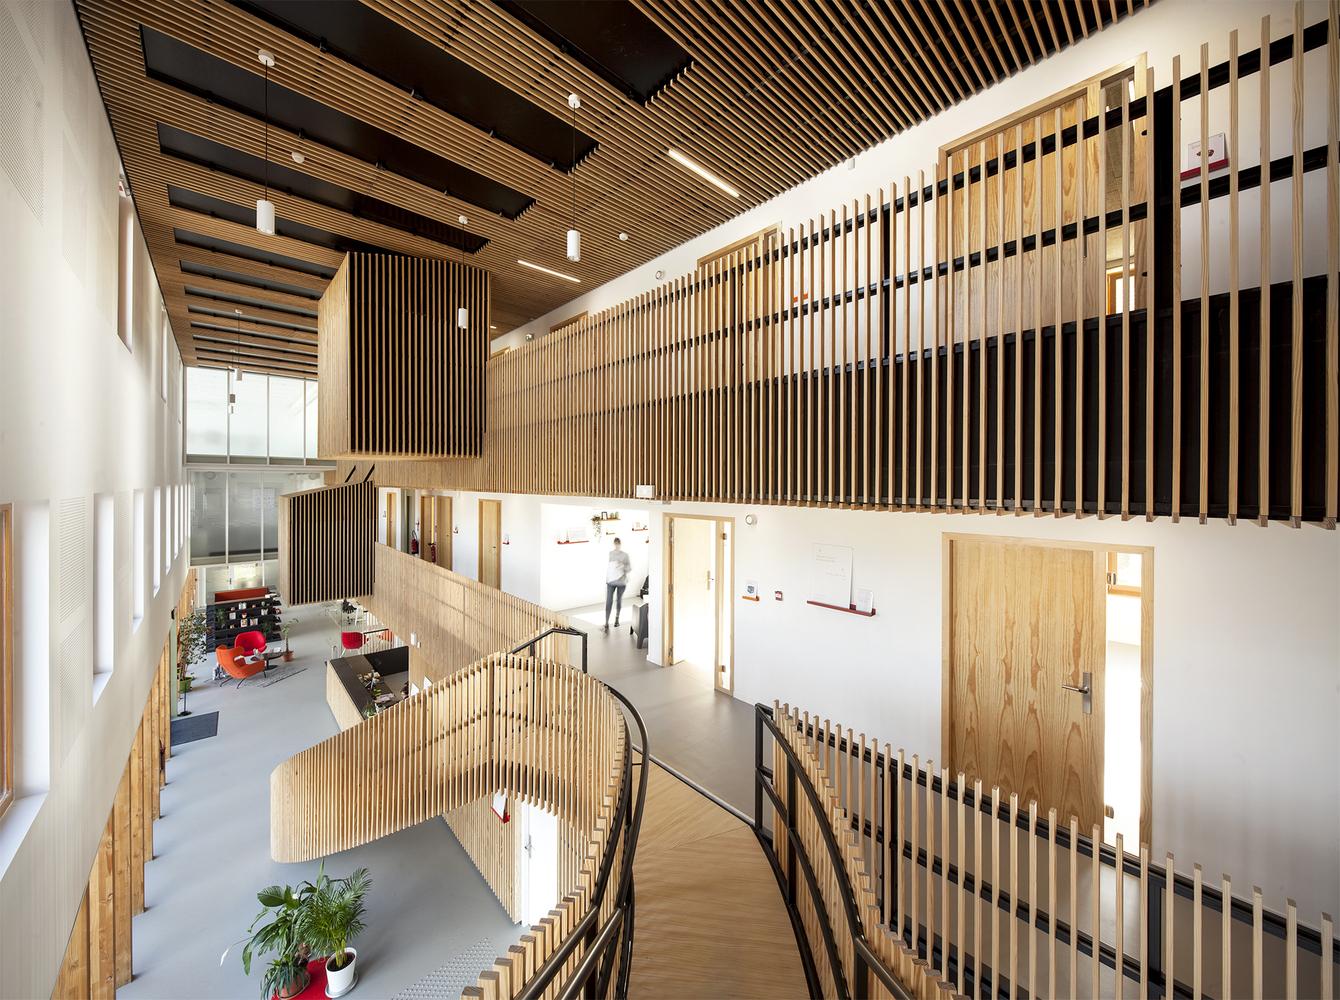 AGORA Business Incubator / CoCo architecture